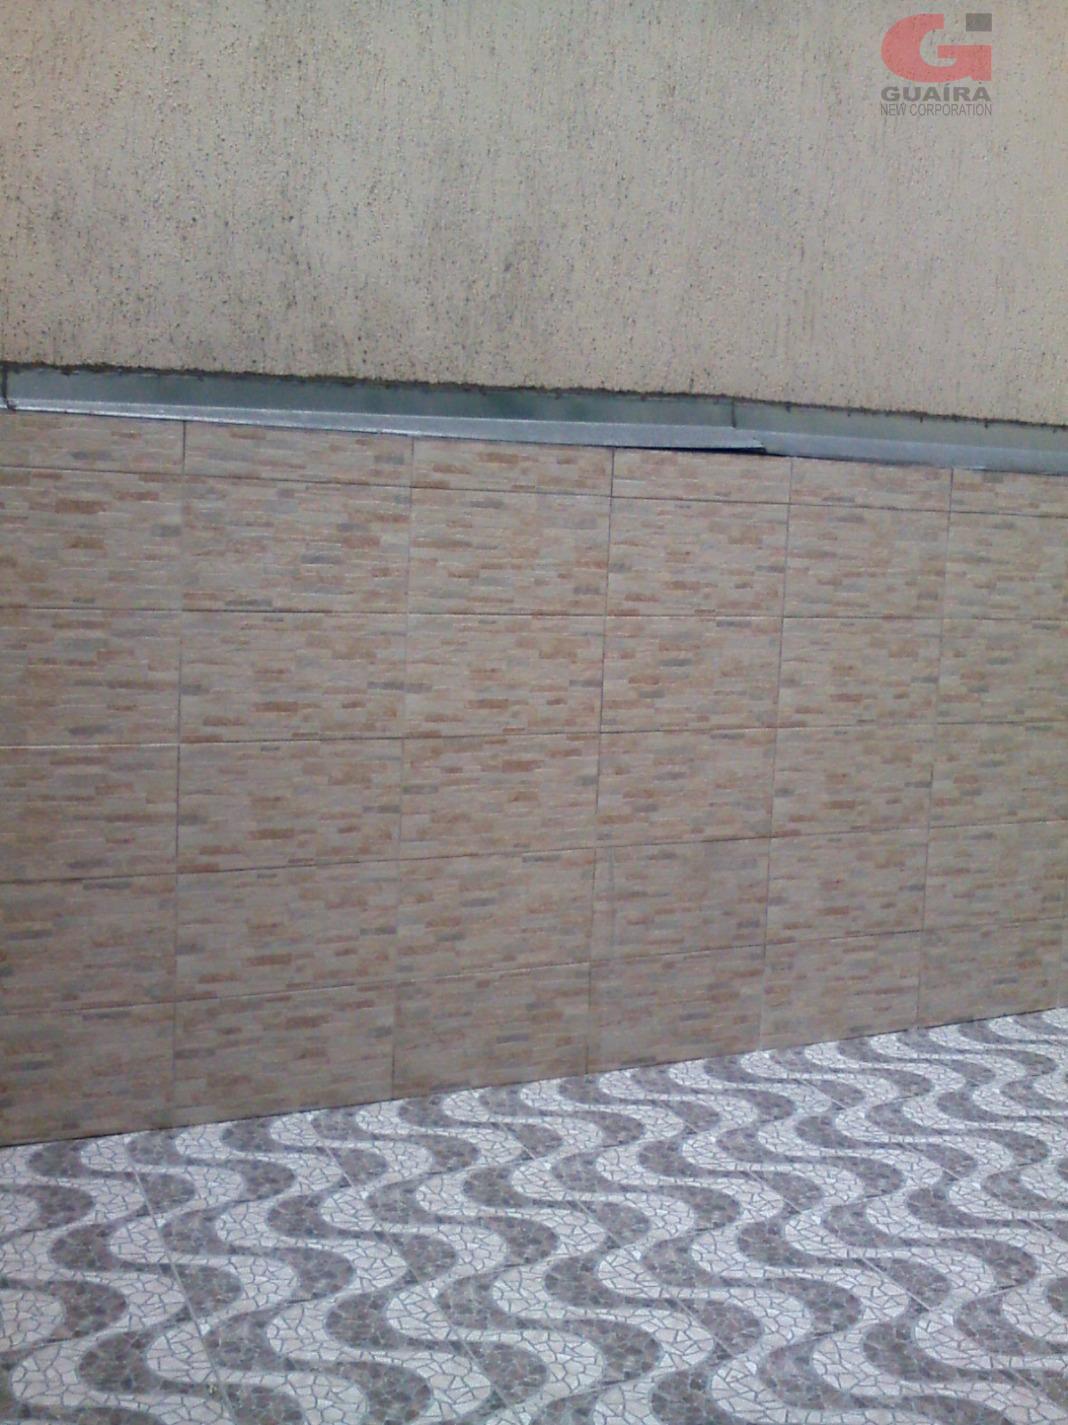 Sobrado de 3 dormitórios à venda em Parque Selecta, São Bernardo Do Campo - SP